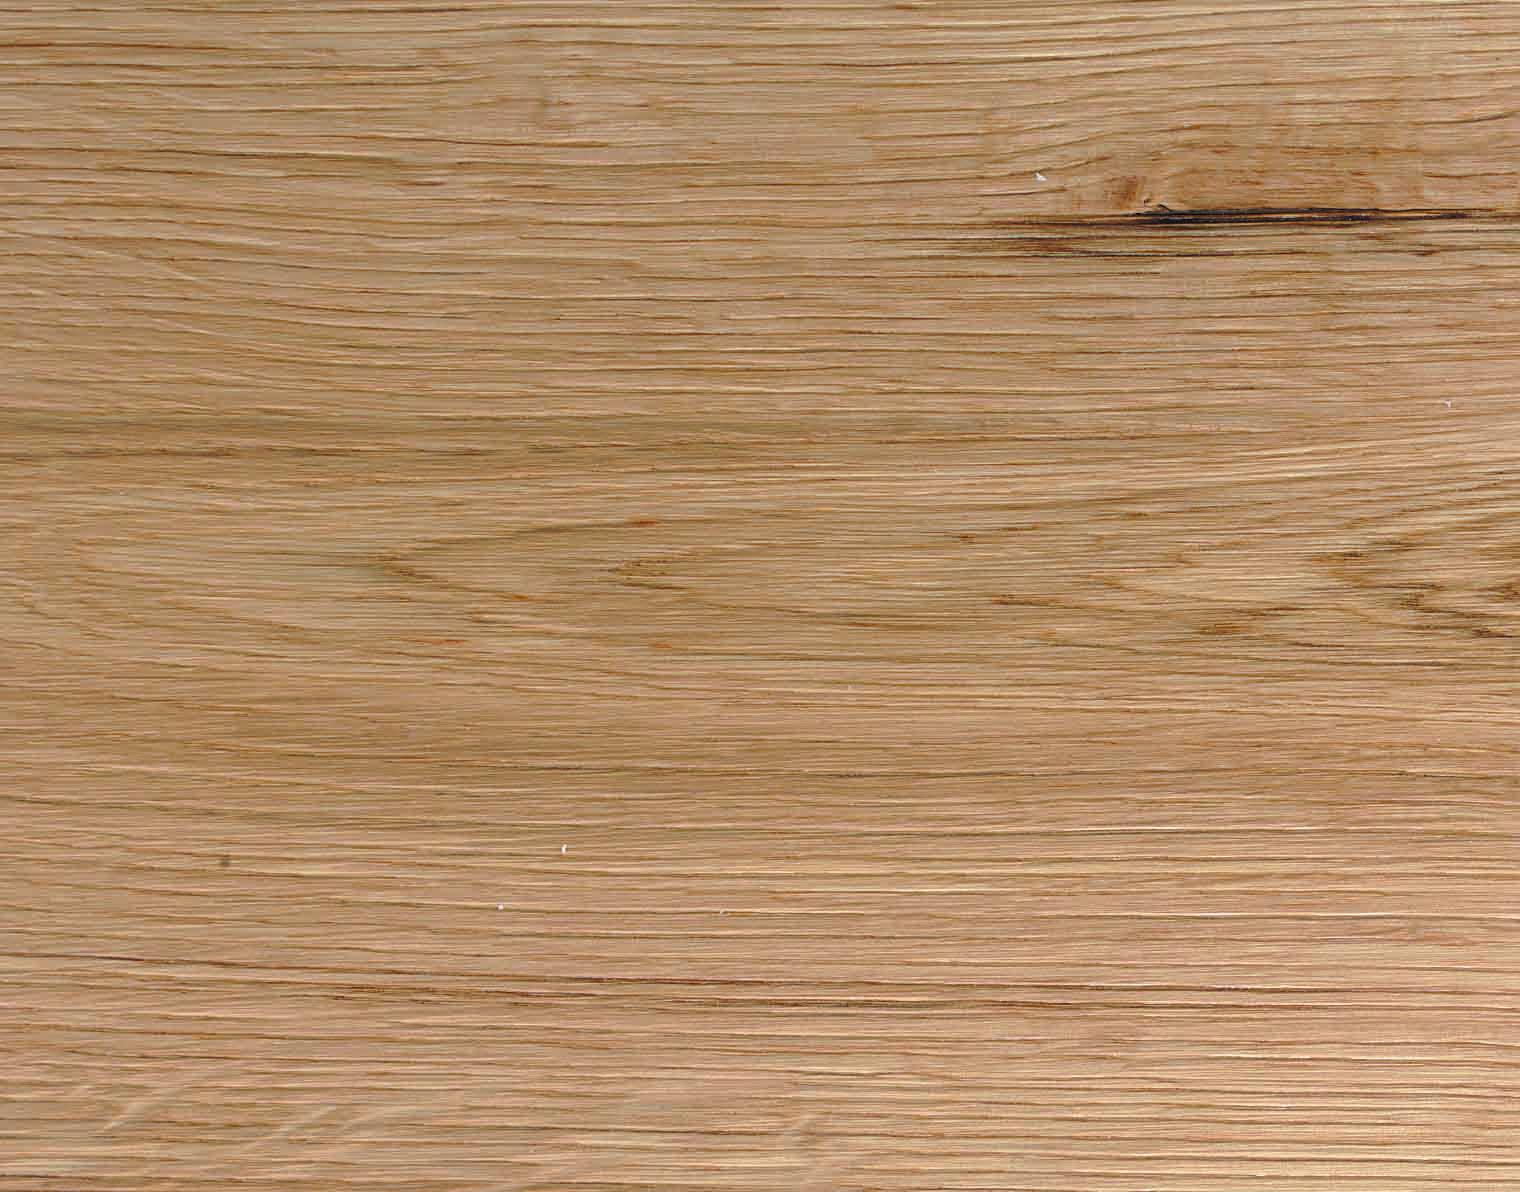 8 essenze di legno per parquet ideali per casa tua   Gruppo Cantarini